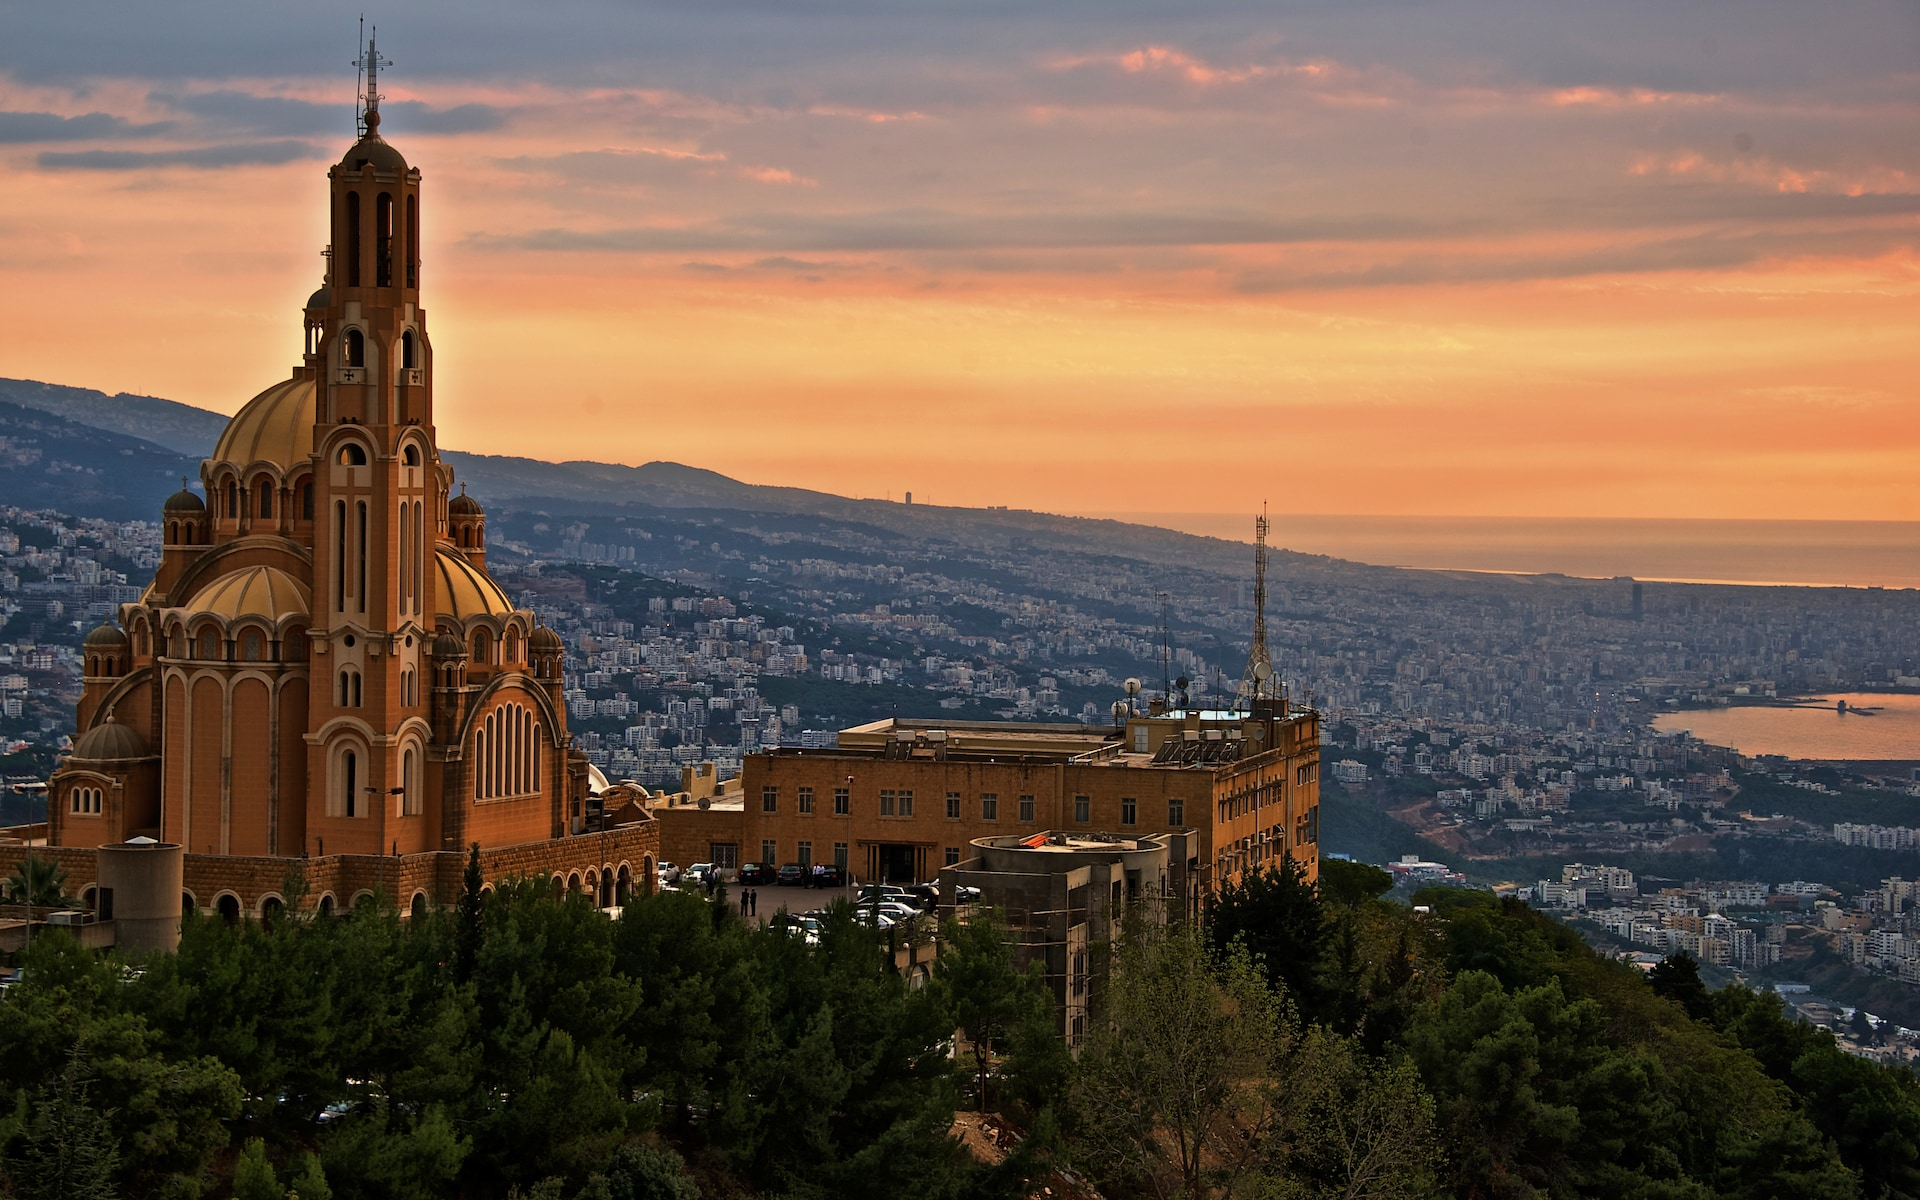 Bejrut - Путешествие в Ливан. Поиск попутчиков.